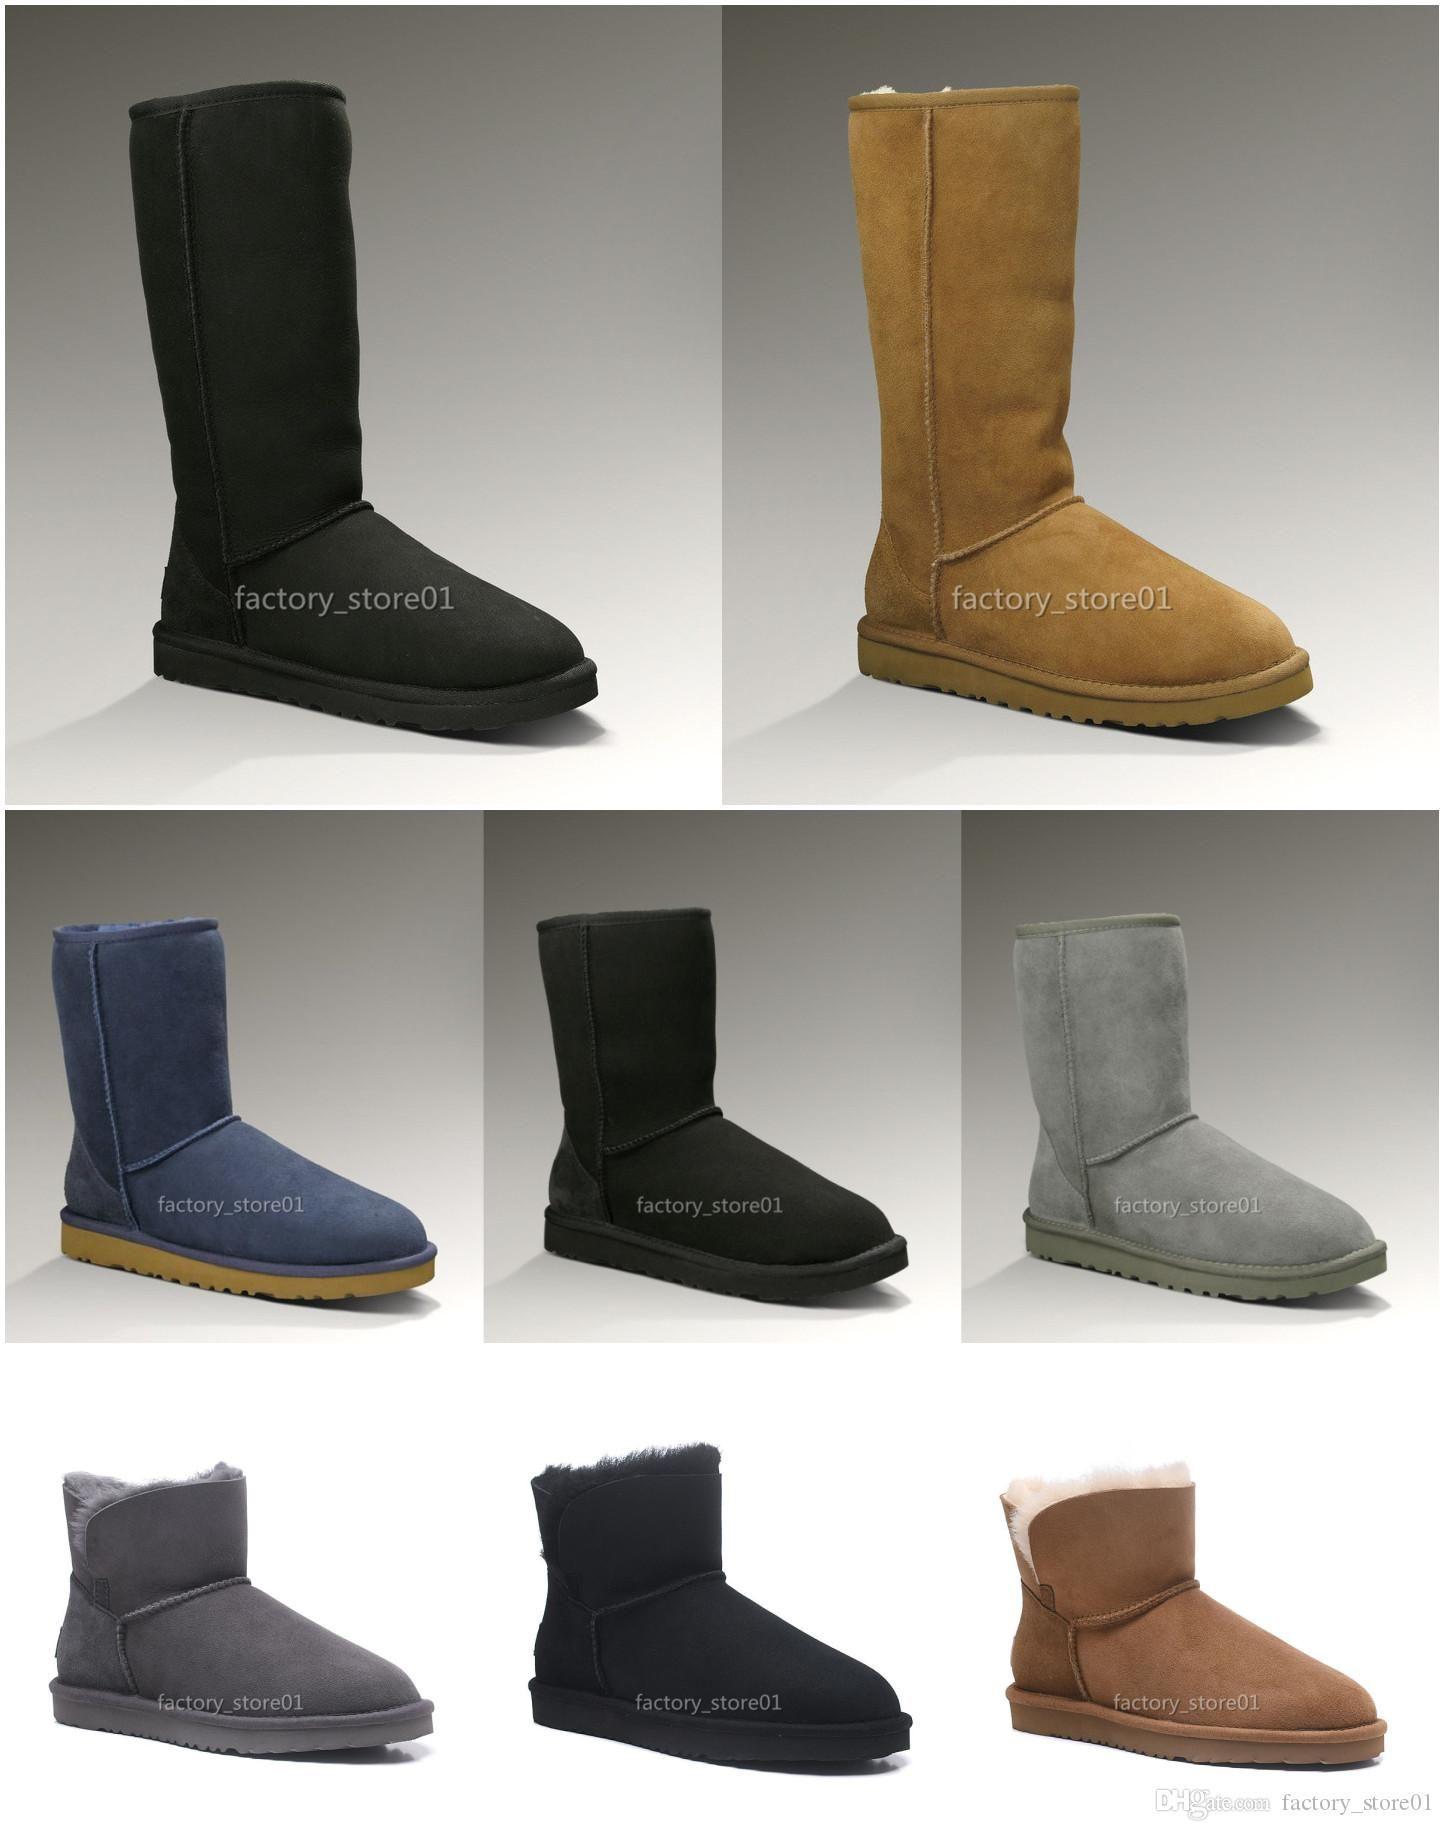 Kış Siyah Kestane Boot Casual Platformu Ayakkabı 35-45 için 2020 Moda Erkekler Kadınlar Klasik Kar Boots Uzun Ayak bileği Kısa Bow Kürk Tasarımcı Boots